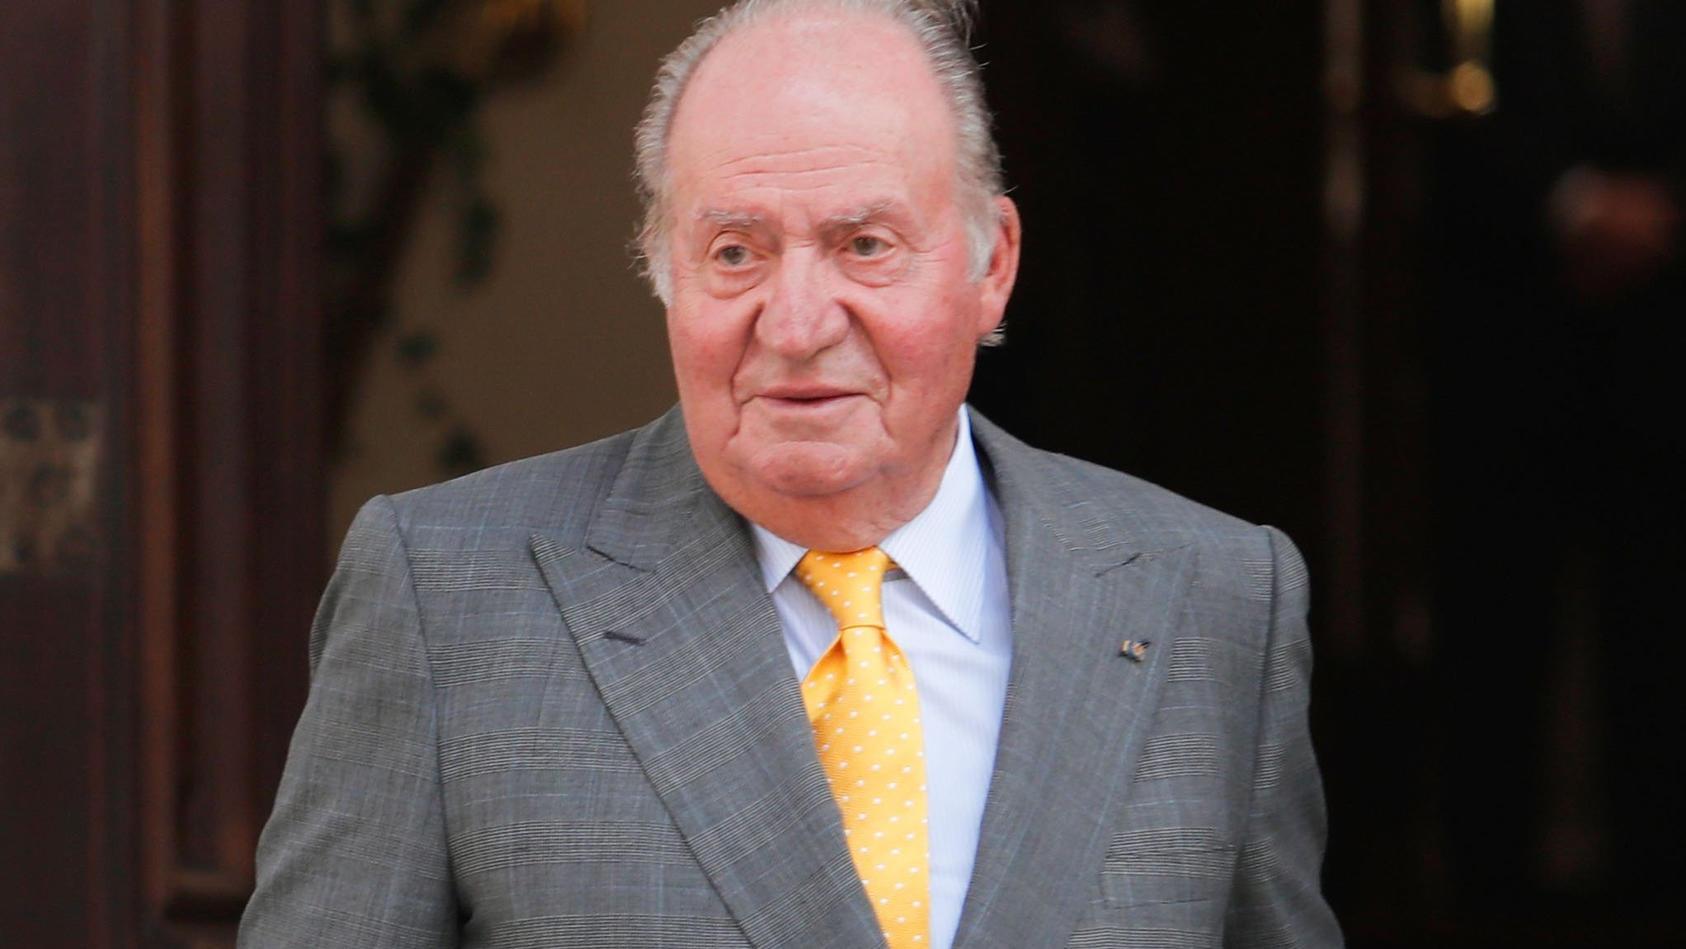 Spaniens Altkönig Juan Carlos will offenbar gerne in seine Heimat zurückkehren